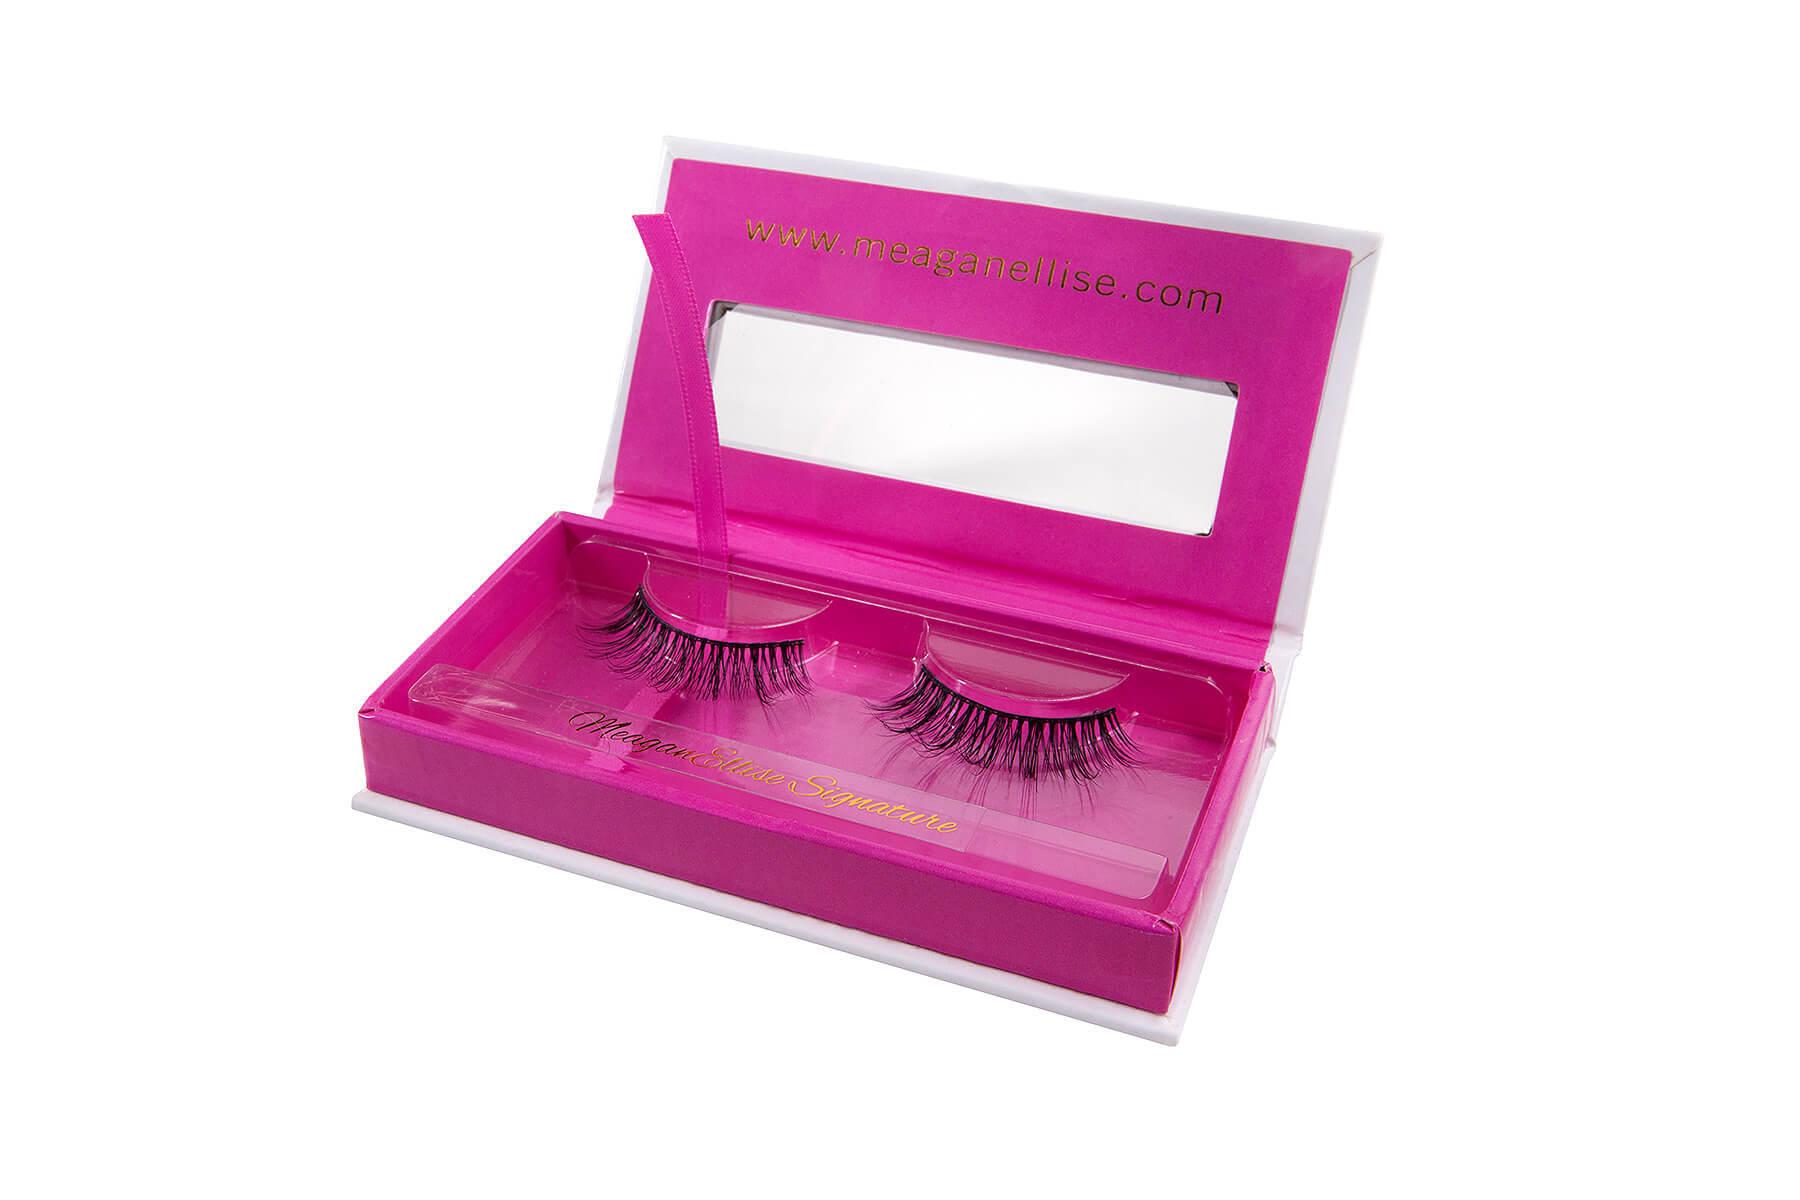 MeaganEllise Signature Mink Eyelashes - Open Box